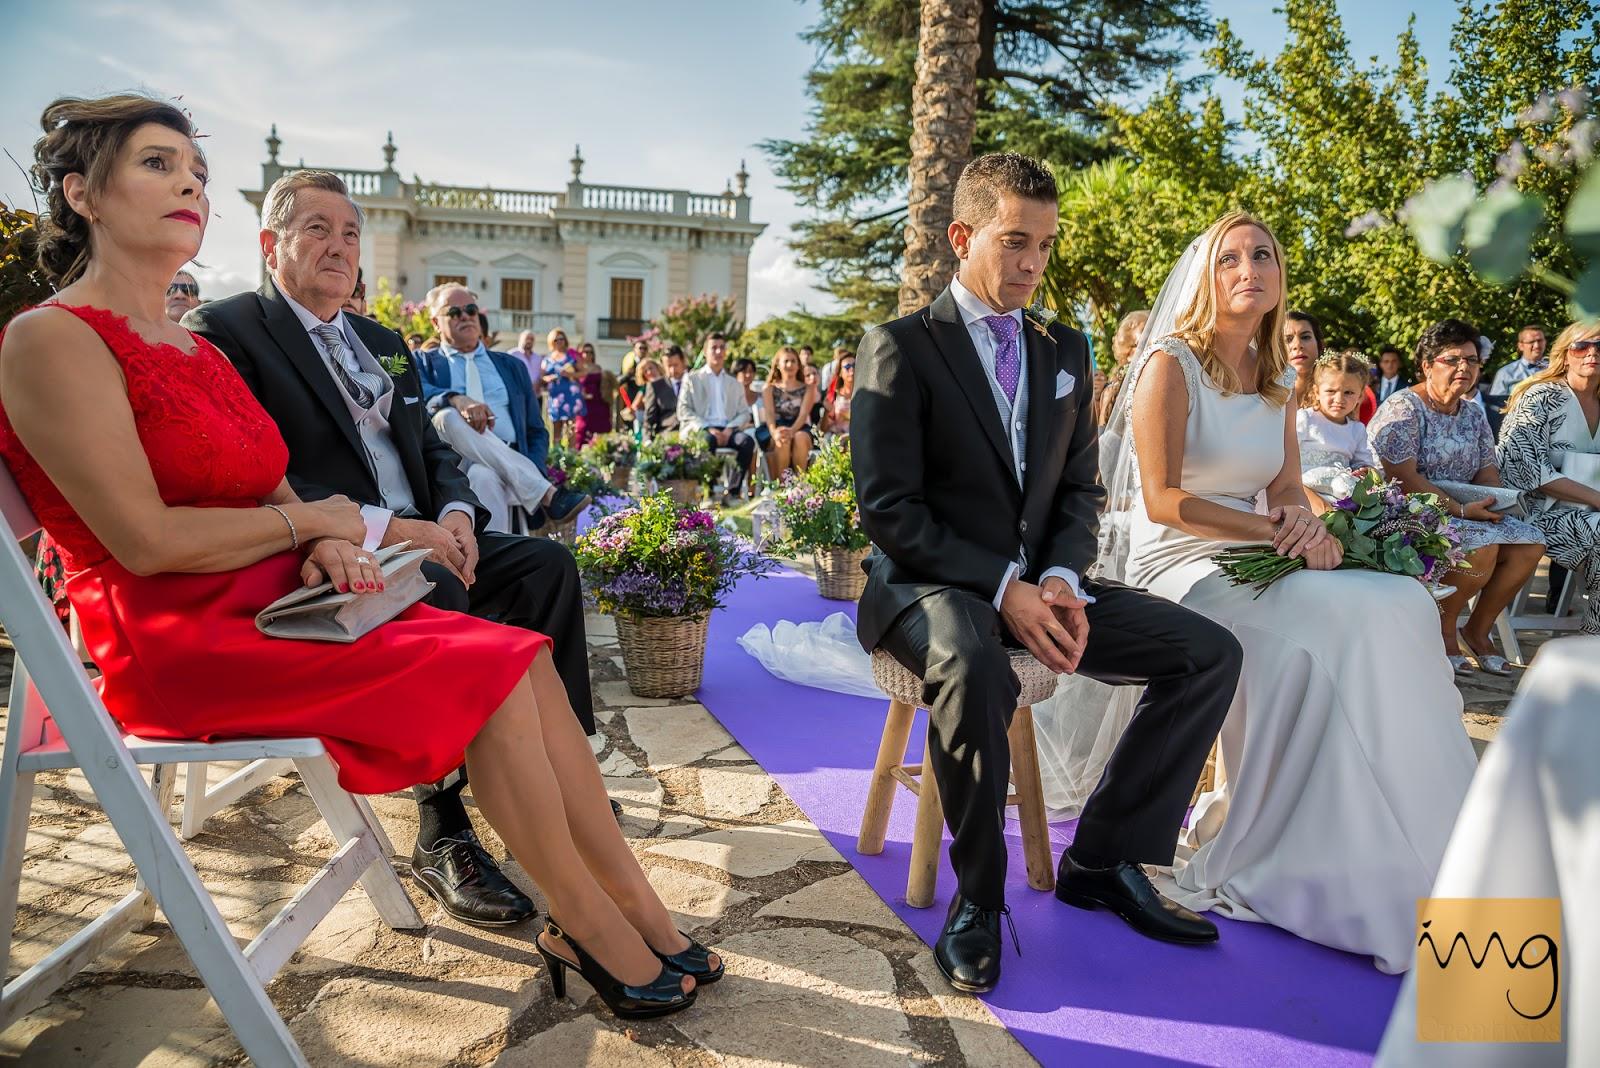 Fotografía de los novios sentados en la ceremonia